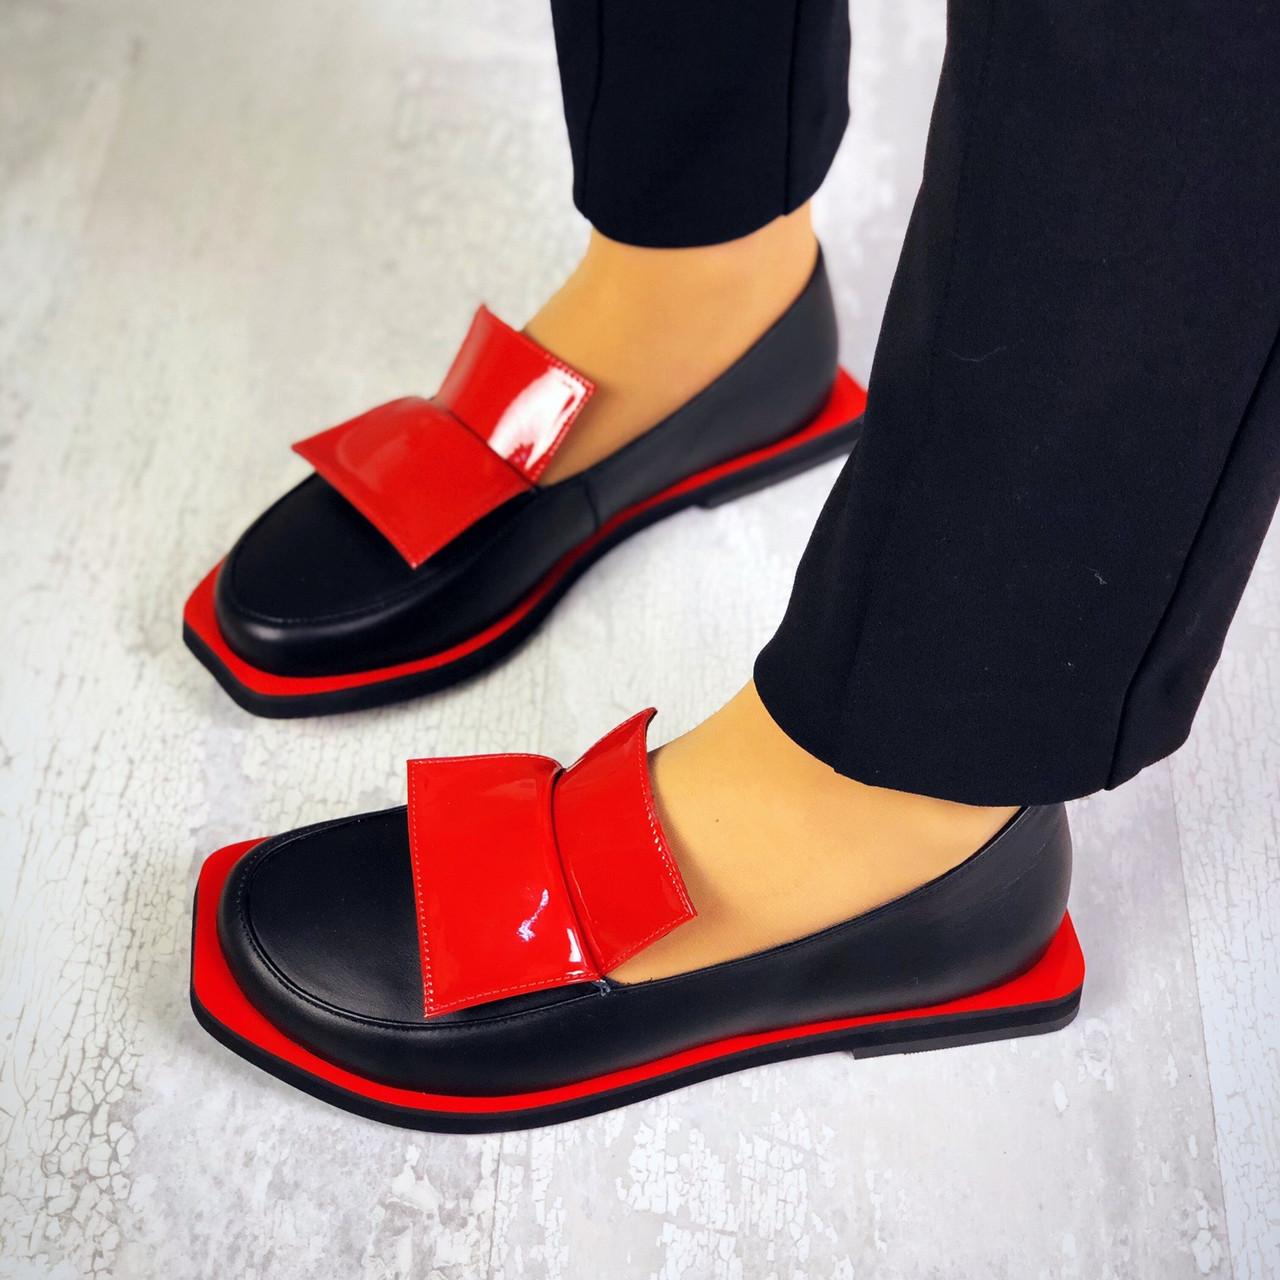 Модные туфли из натуральной кожи 36-40 р чёрный+красный